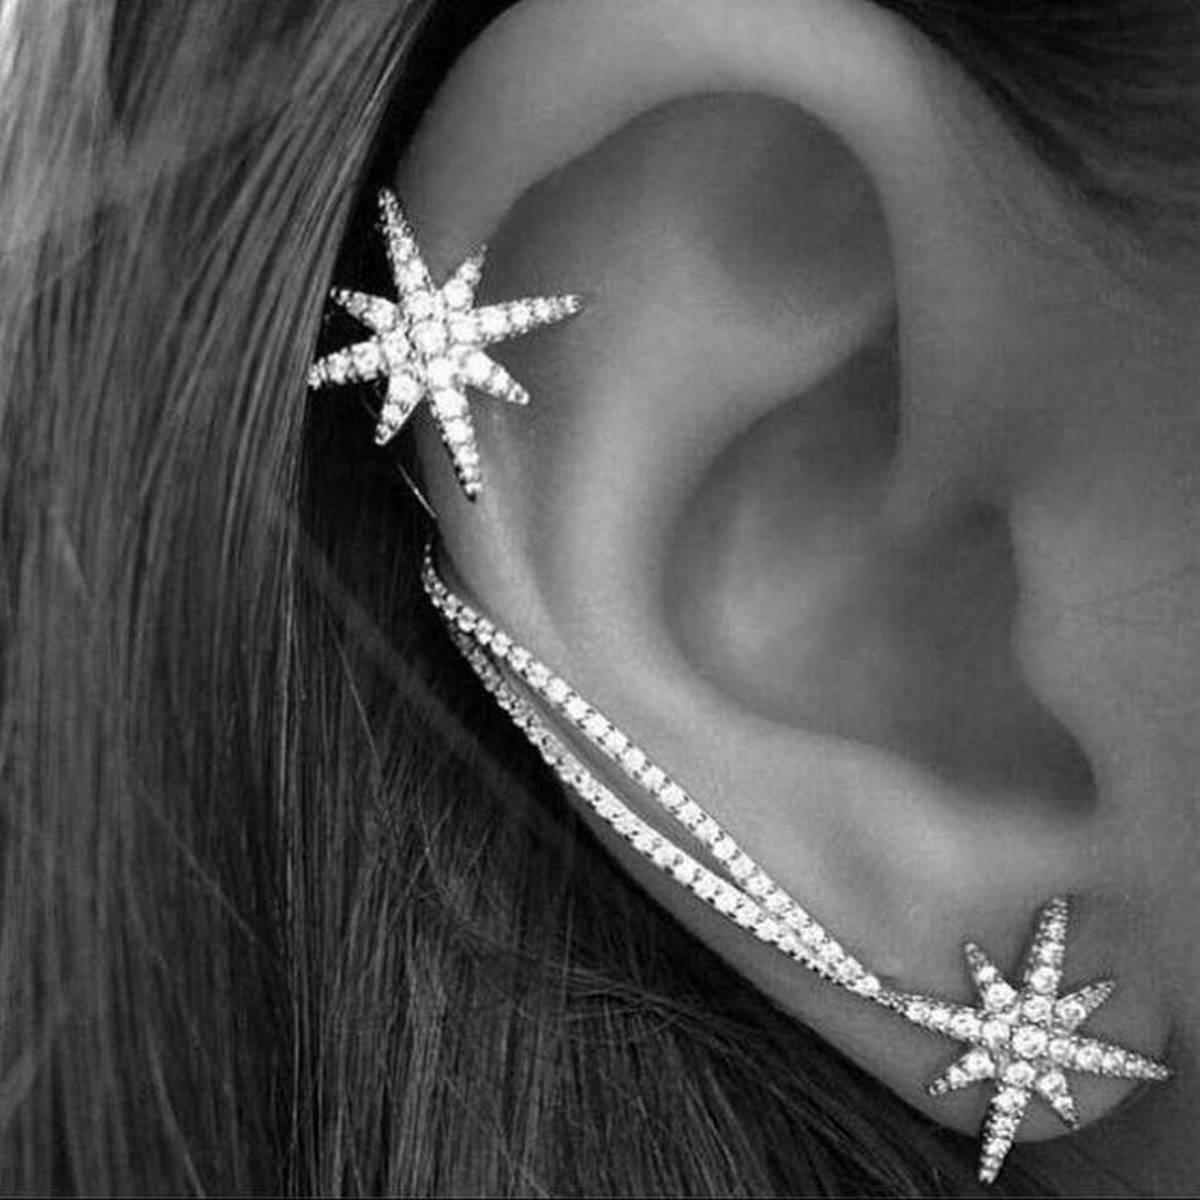 Trendy Silver Classy Cuff & Earring For Two Ears